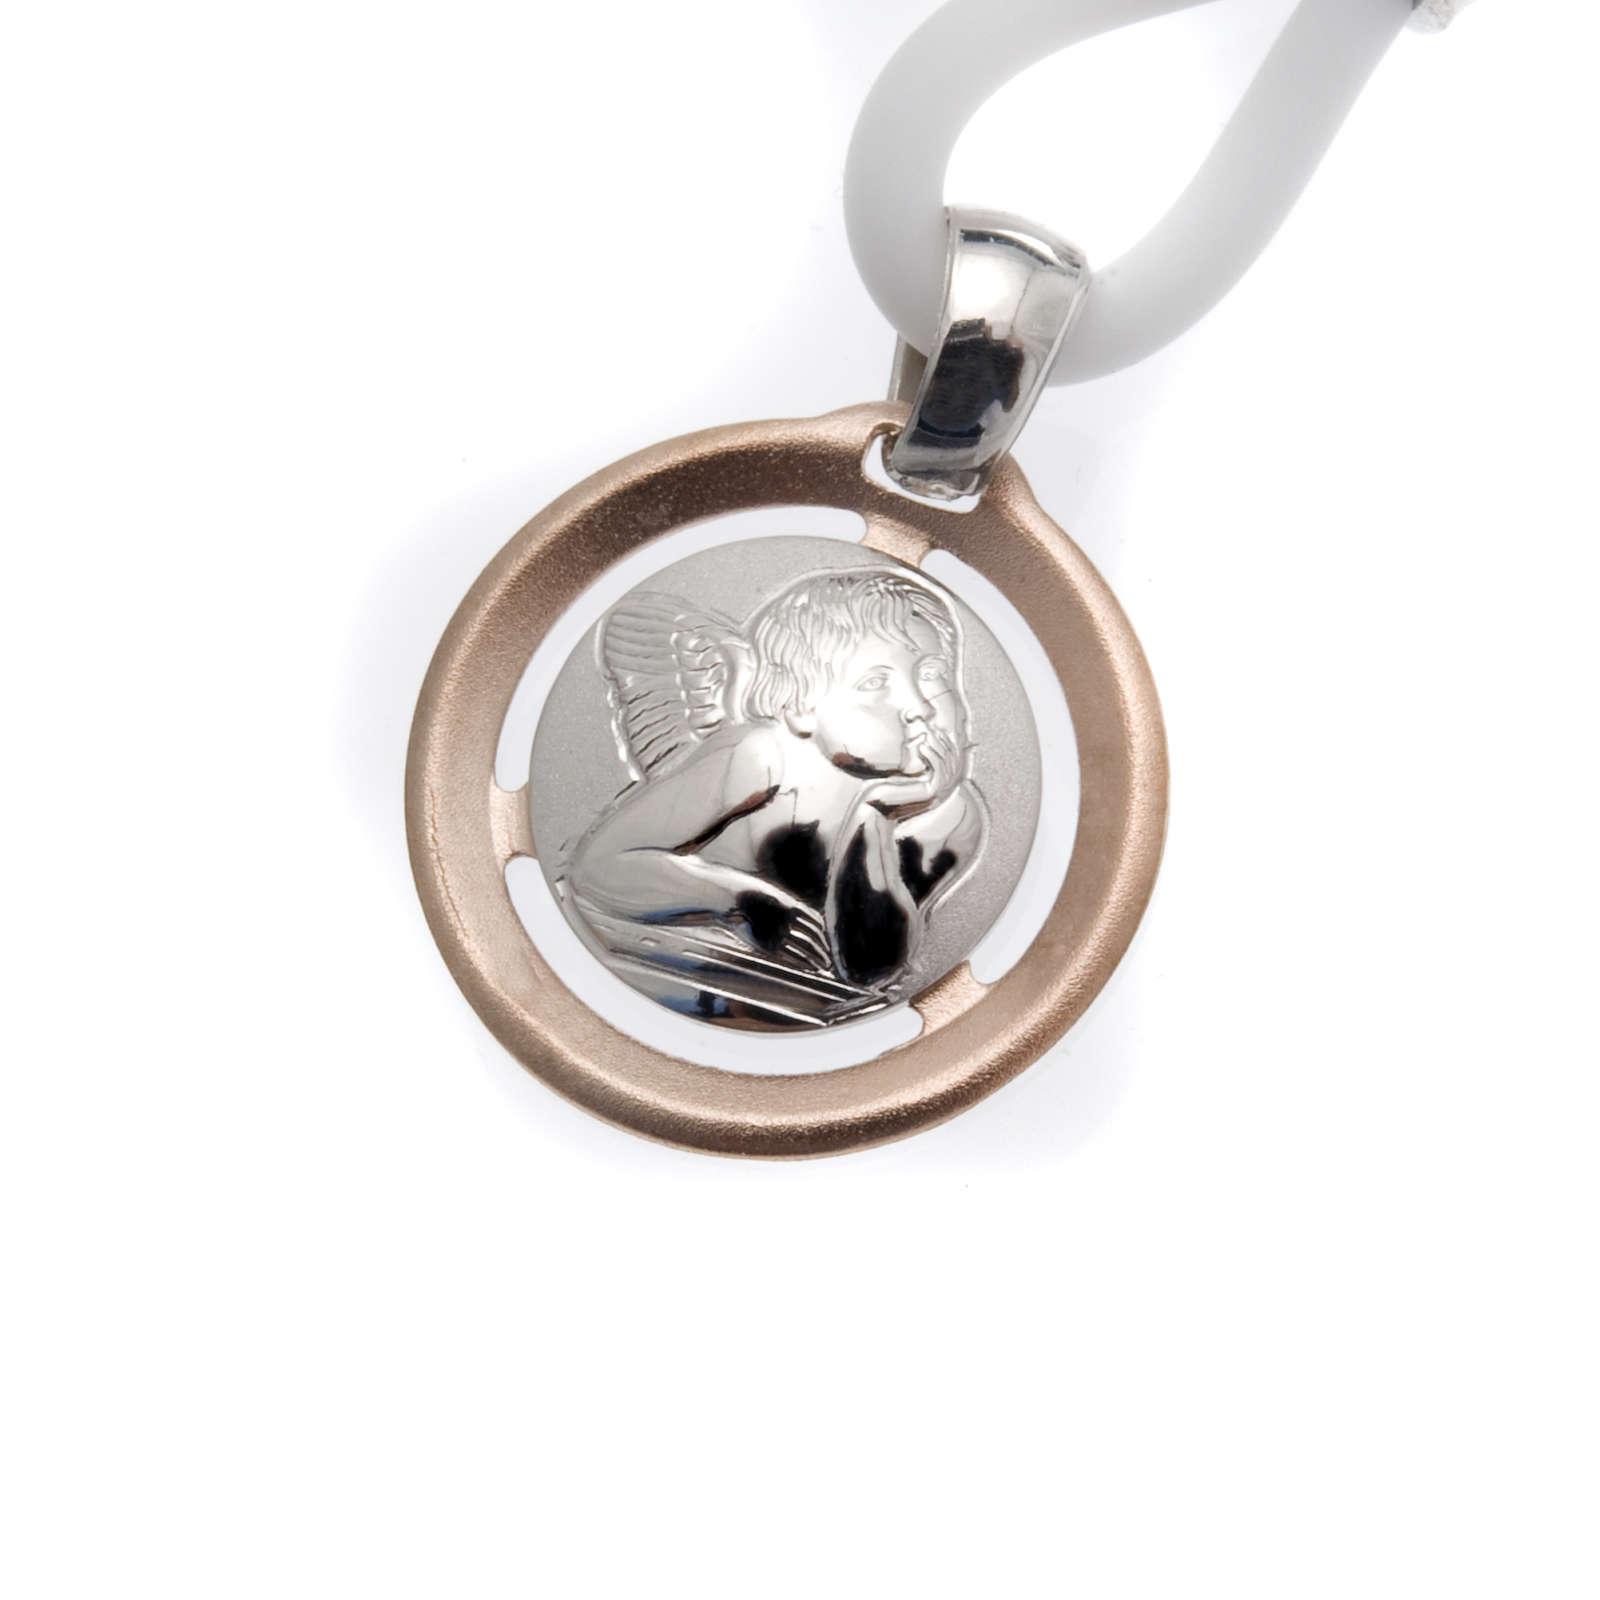 Collar Medalla con Ángel Plata 925 4